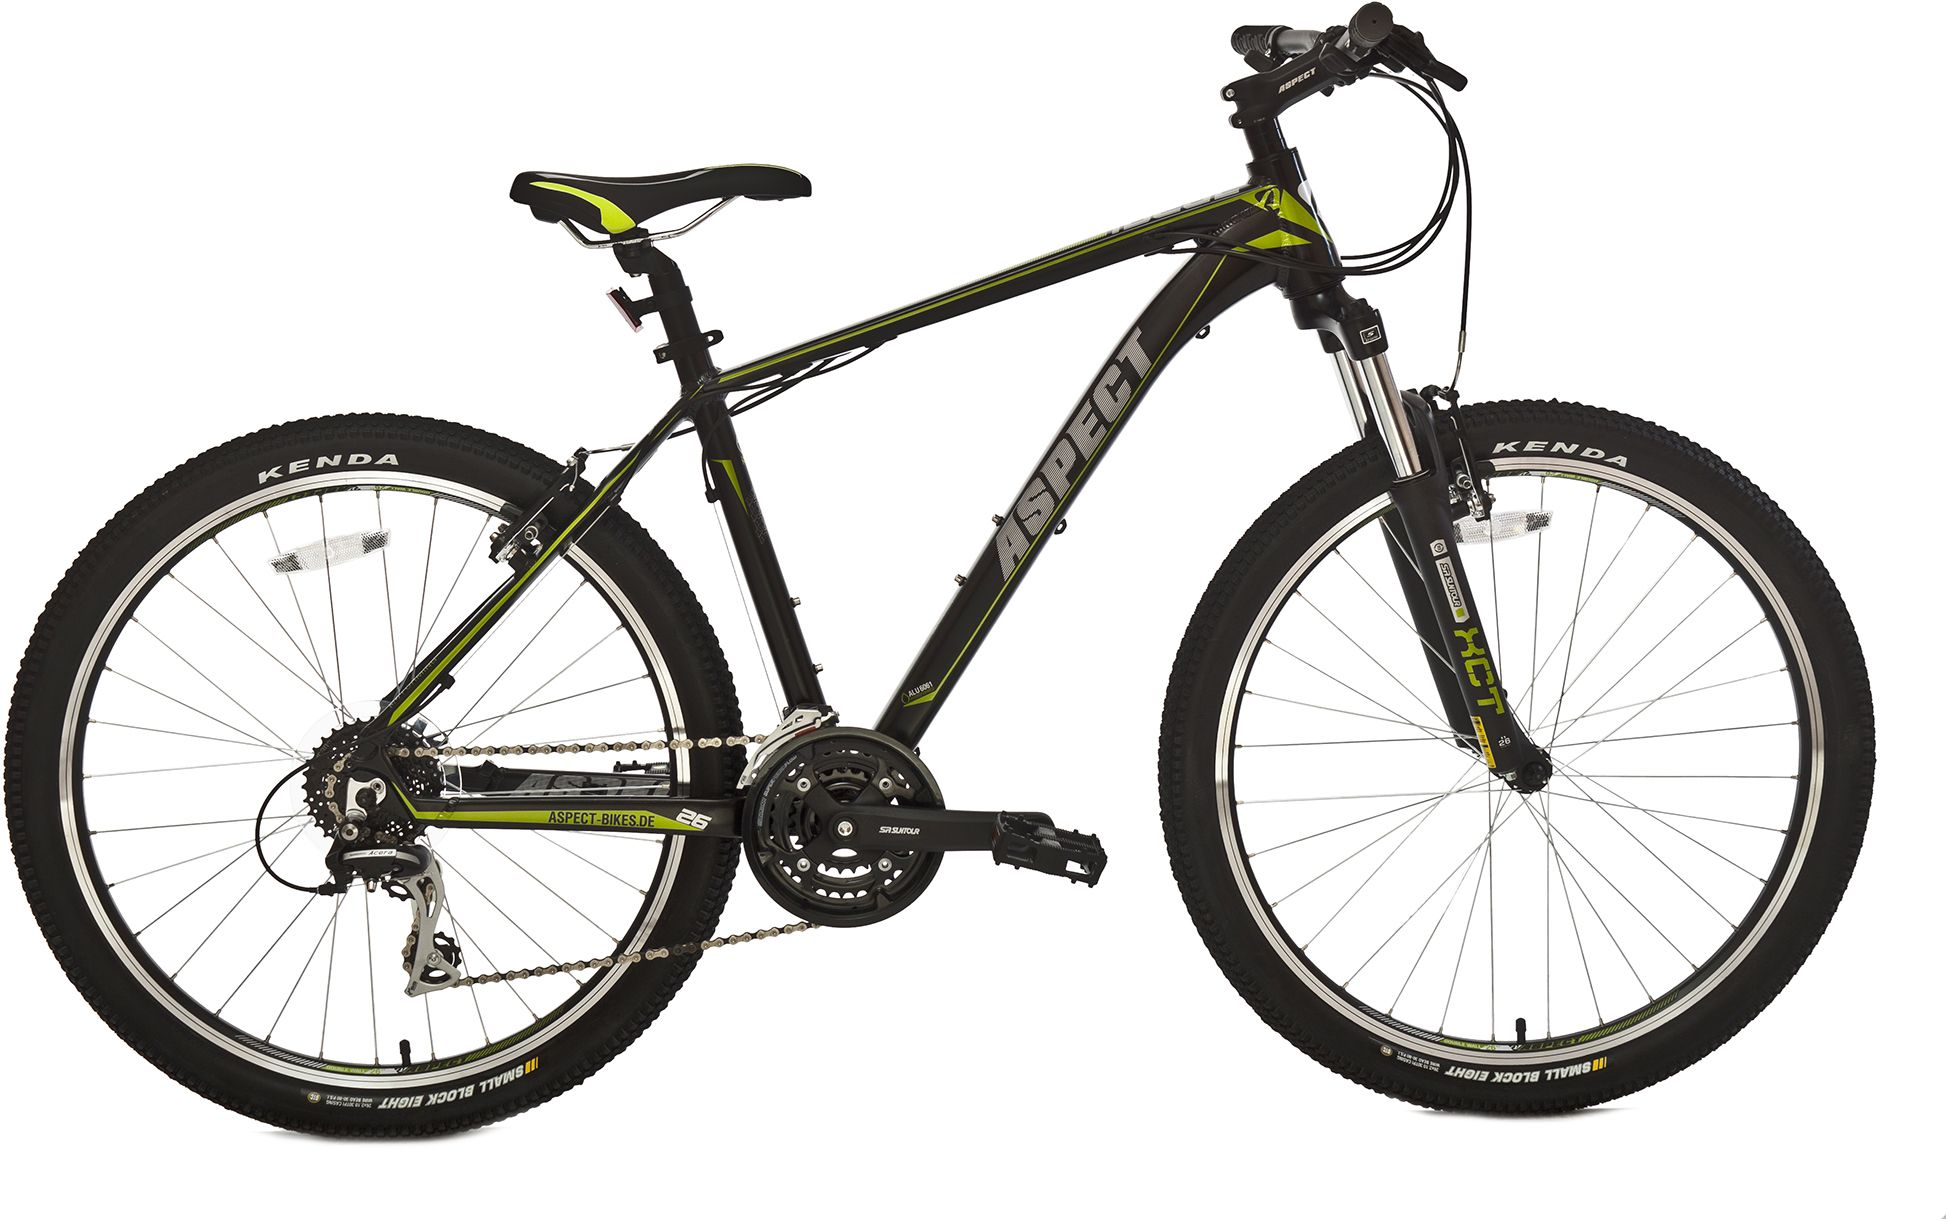 Велосипед AspectГорные<br><br><br>year: 2016<br>цвет: зелёный<br>пол: мужской<br>тип тормозов: ободной<br>диаметр колеса: 26<br>тип рамы: хардтейл<br>уровень оборудования: любительский<br>материал рамы: алюминий<br>тип амортизированной вилки: пружинная<br>длина хода вилки: от 100 до 150 мм<br>тип заднего амортизатора: без амортизатора<br>количество скоростей: 24<br>блокировка амортизатора: нет<br>рулевая колонка: Neco, полуинтегрированная<br>вынос: Zoom, алюминиевый сплав, 31,8 x 90 мм<br>руль: Zoom, алюминиевый сплав, ширина 660 мм, 31,8 мм<br>передний тормоз: Promax<br>задний тормоз: Promax<br>тормозные ручки: Алюминиевый сплав<br>система: Suntour, 42/34/24T, 175 мм<br>ободья: 26, двойные, 32H<br>передняя втулка: Joytech, 32H, алюминиевый сплав<br>задняя втулка: Joytech, 32H, алюминиевый сплав<br>передняя покрышка: Kenda K-1047, 26 x 2,10<br>задняя покрышка: Kenda K-1047, 26 x 2,10<br>седло: Velo<br>подседельный штырь: Zoom, алюминиевый сплав, 31,6 x 350 мм<br>кассета: Shimano CS-HG31, 11-34T, 8 скоростей<br>передний переключатель: Shimano FD-M190<br>задний переключатель: Shimano Acera RD-M360<br>манетки: Shimano ST-EF51<br>рама: Hydroformed, алюминиевый сплав 6061<br>вилка: Suntour XCT, ход 100 мм<br>размер рамы: 18&amp;amp;quot;<br>Серия: Ideal